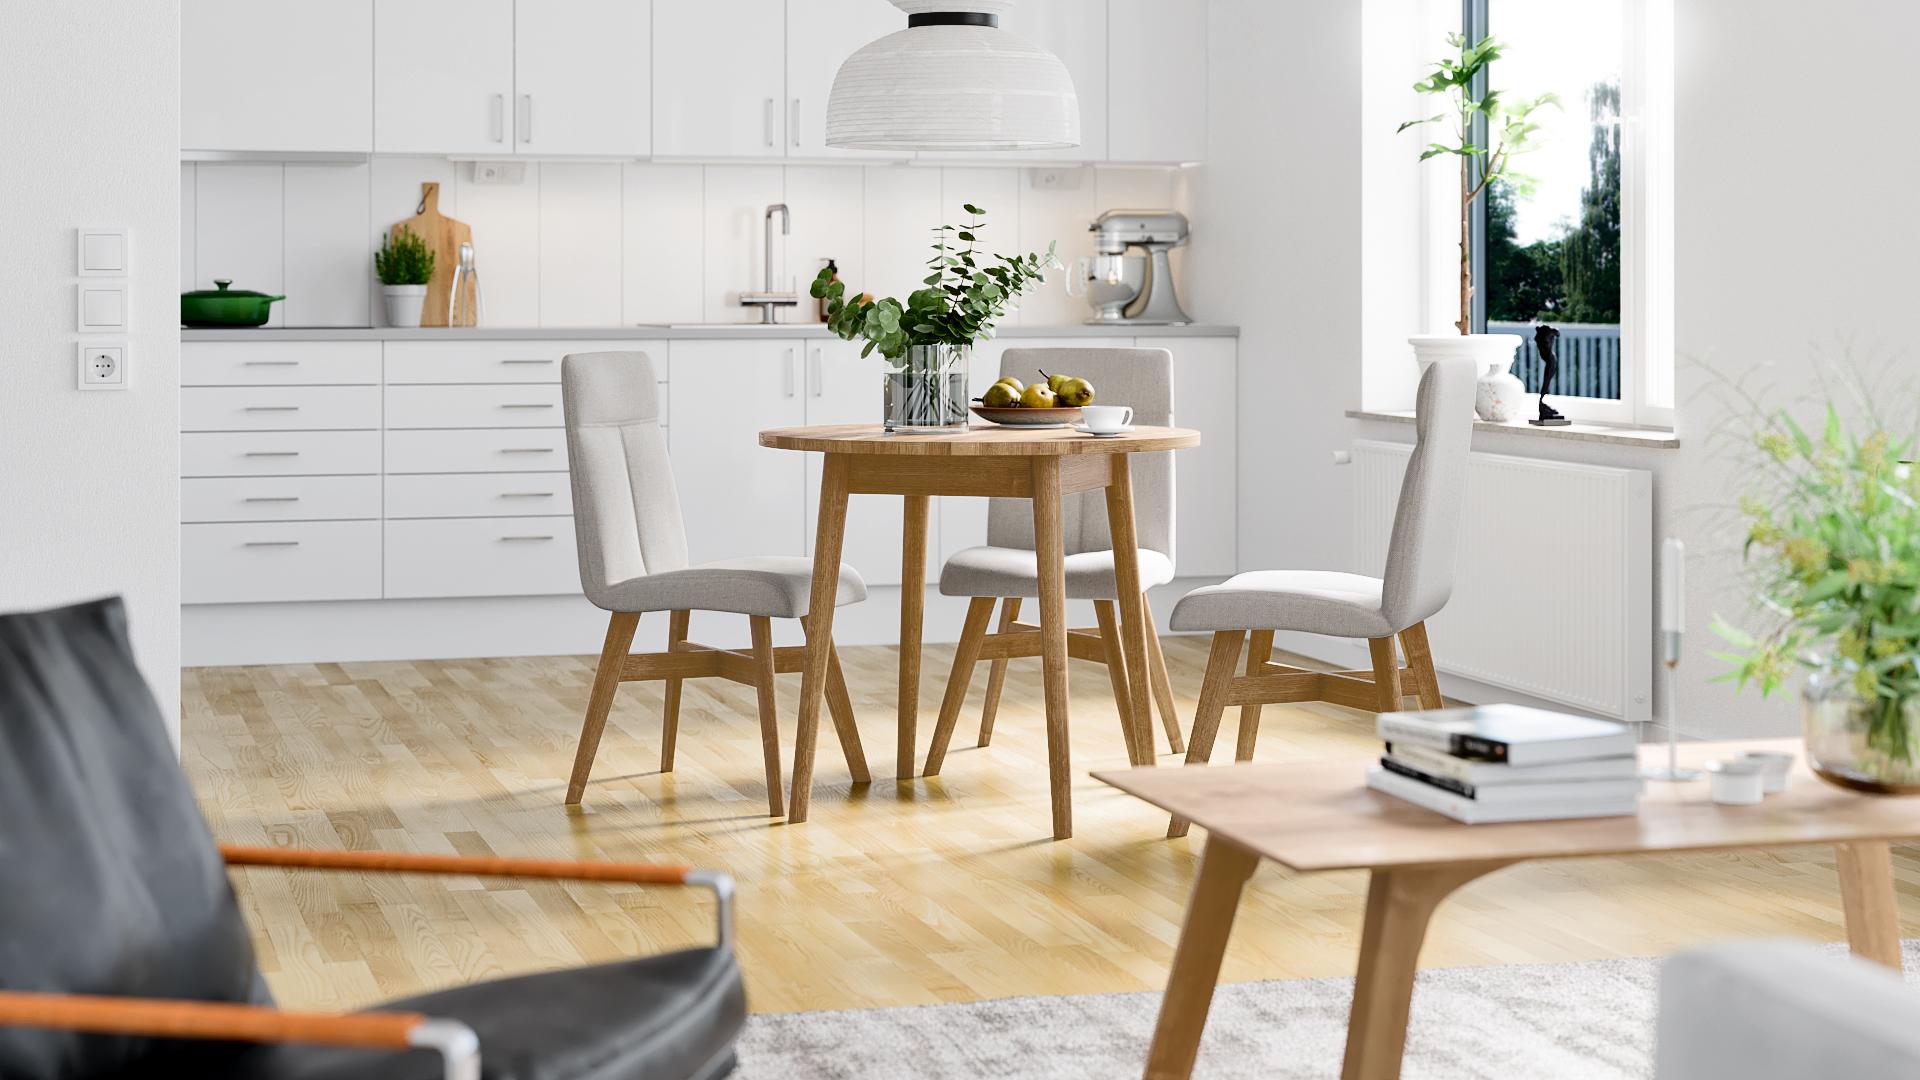 dining table in oak, ruokapöytä tammi, wooden dining table, puinen ruokapöytä, wooden dining tables, puiset ruokapöydät, dining table round, ruokapöytä pyöreä, dining chairs, ruokapöydän tuolit, wooden dining table chairs, puiset ruokapöydän tuolit, dining table chairs in oak,